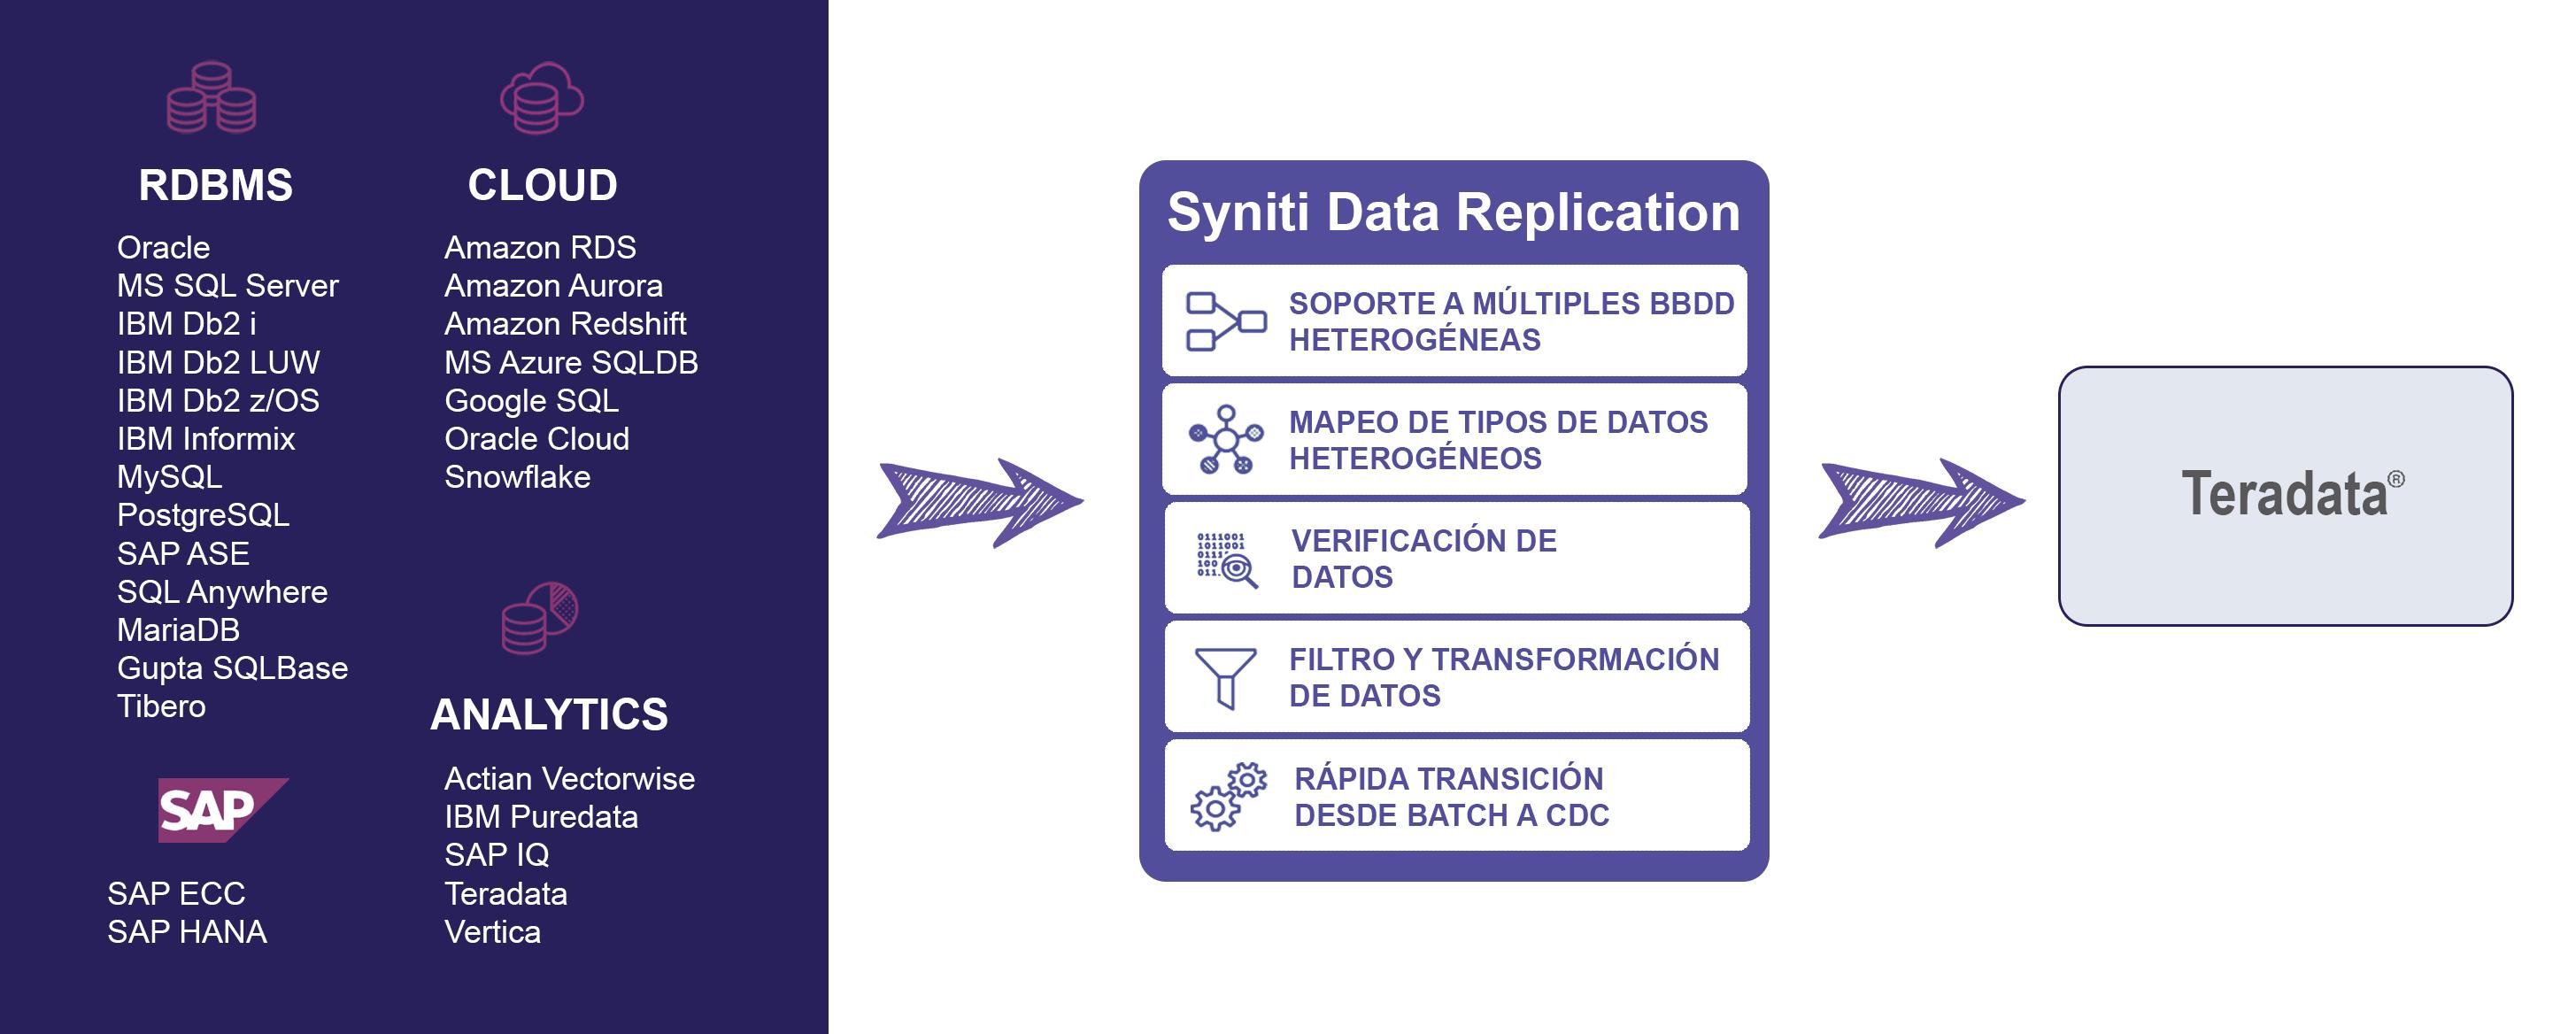 Esquema de replicacion de datos con Teradata